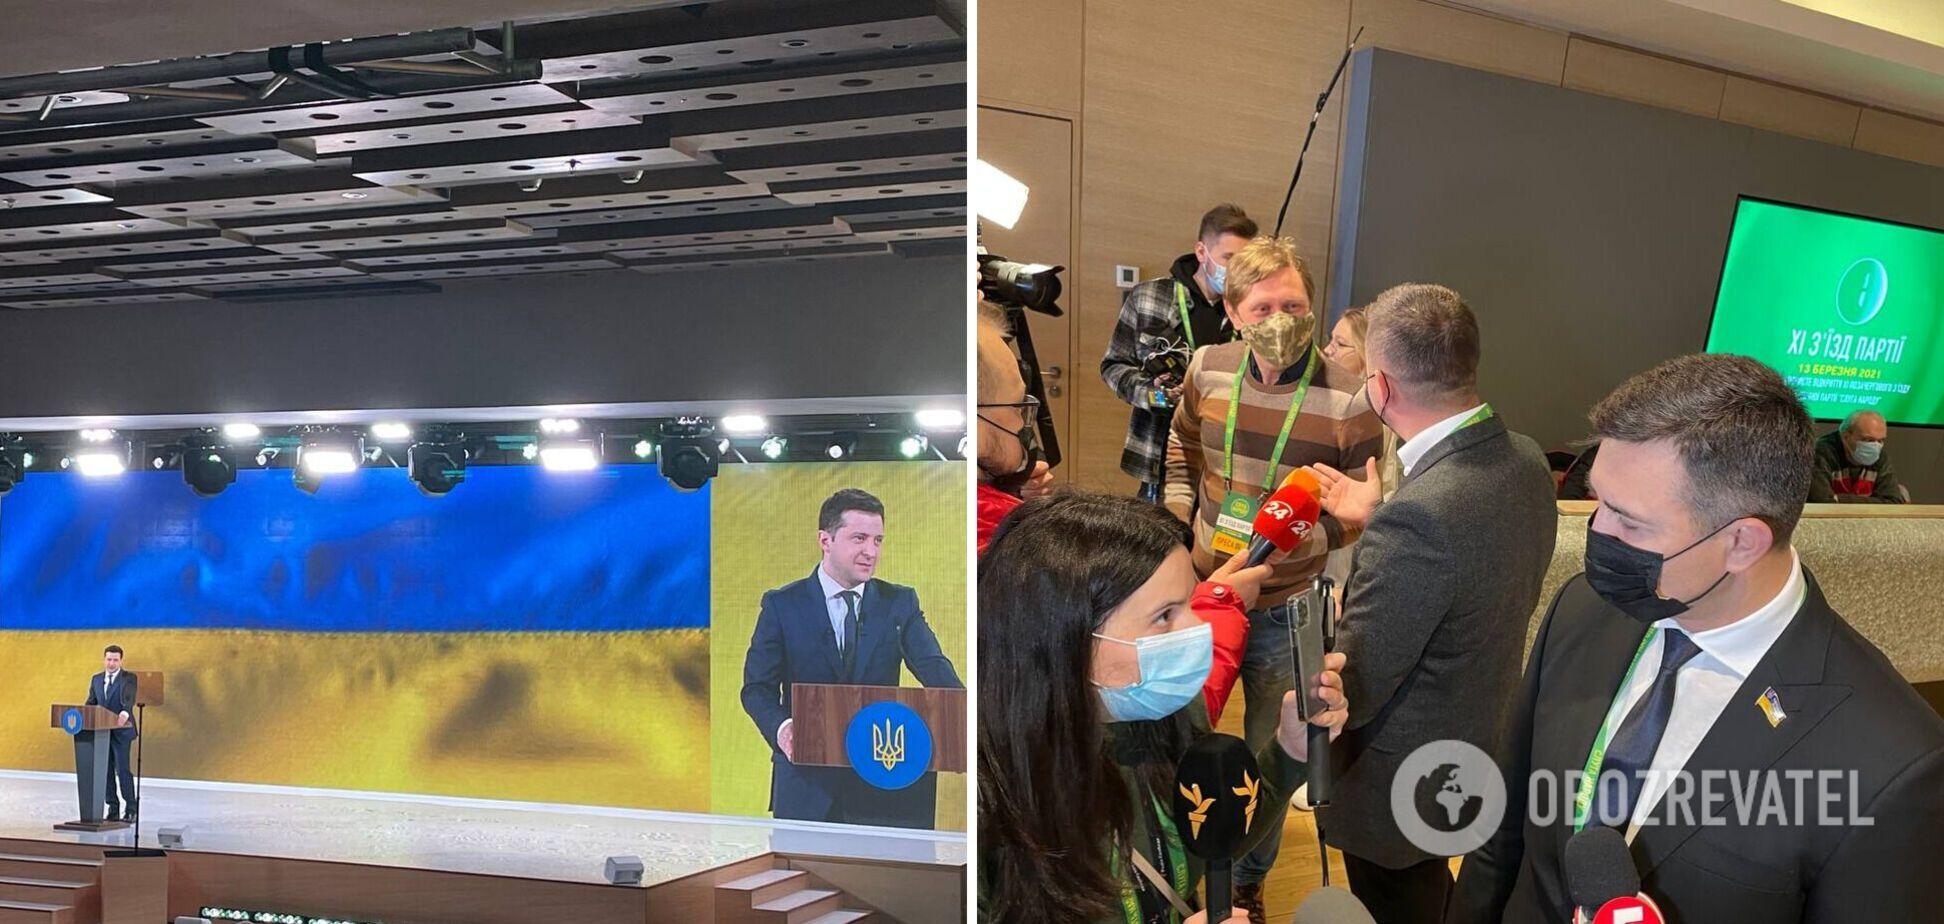 У Києві пройшов з'їзд 'Слуги народу' за участю Зеленського. Всі деталі